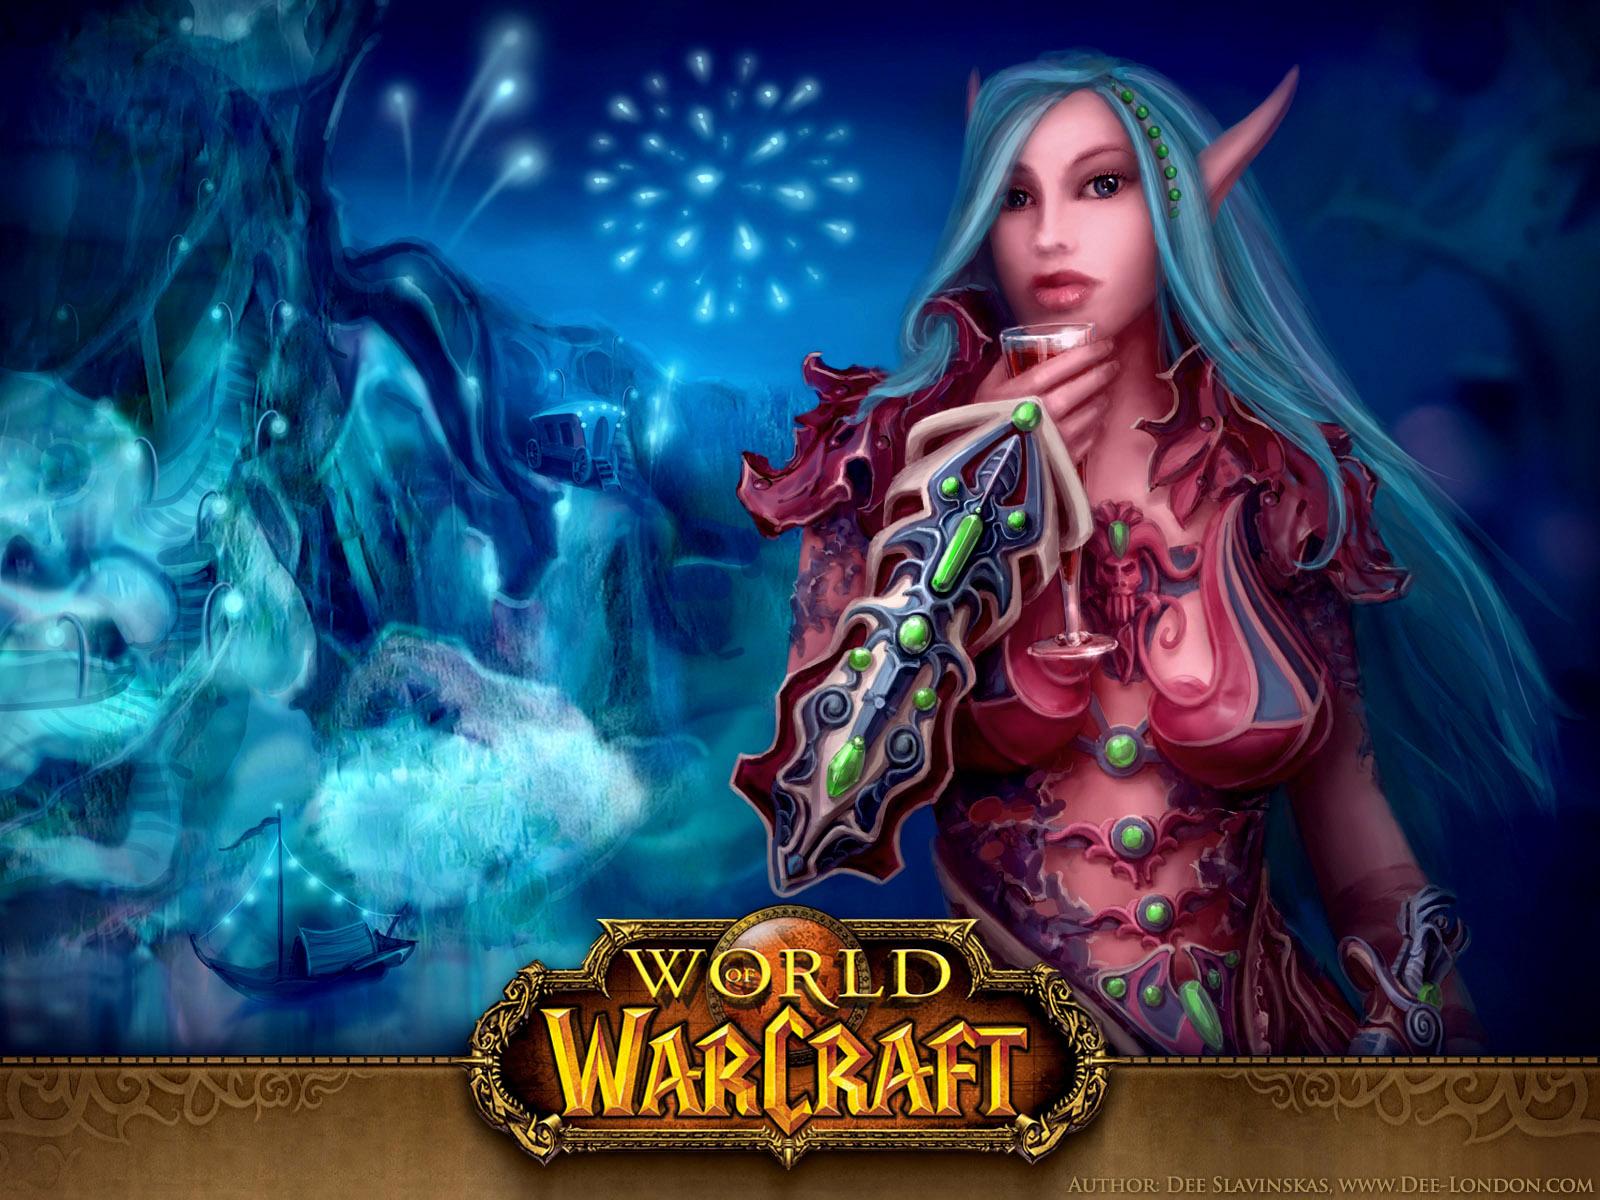 http://3.bp.blogspot.com/_q4581RiDiSM/TLEq_fiDvSI/AAAAAAAAfOo/vjEa9T2LUHU/s1600/warcraft-wallpaper-slavinskas-1600.jpg